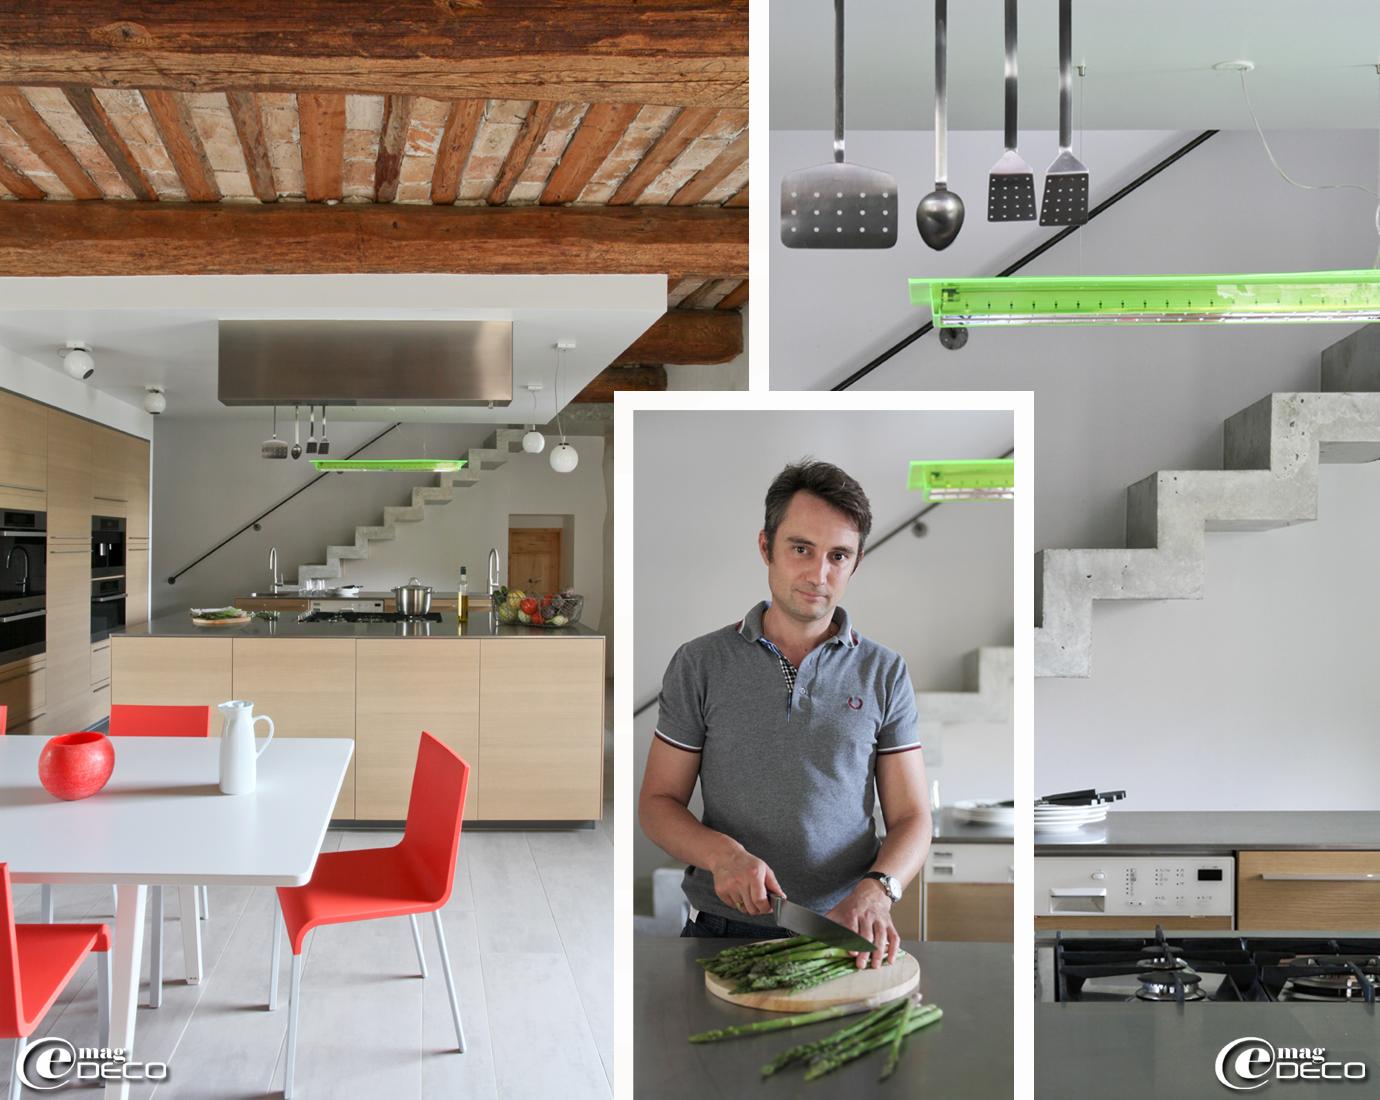 La cuisine de La Maison d'Ulysse sous son plafond à kès et entrevous de briques, équipements électroménagers MIELE et suspension Hyppe finition green fluo chez DARK